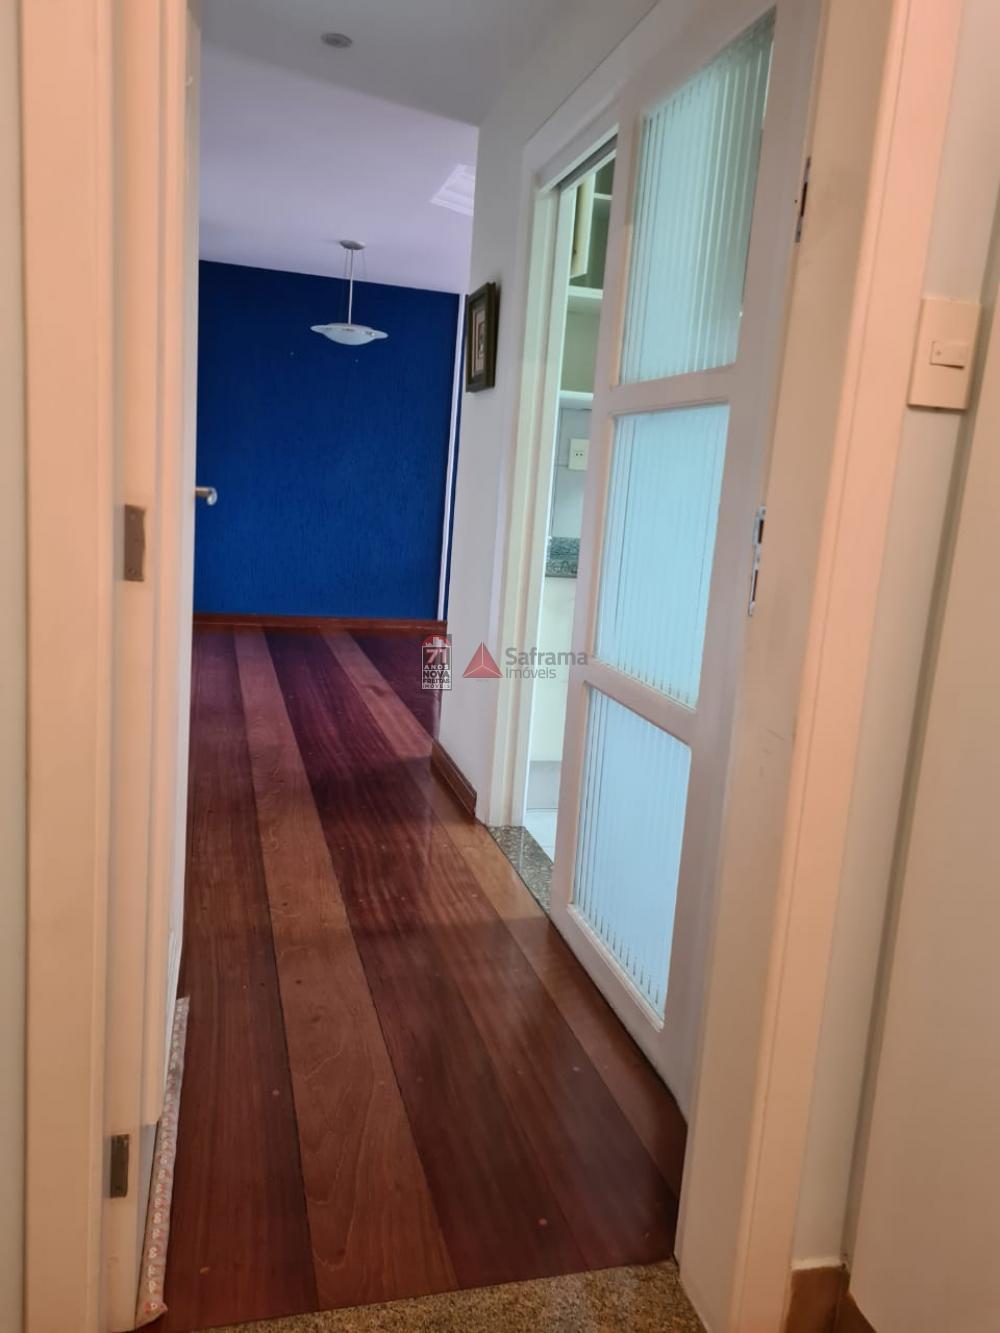 Comprar Apartamento / Padrão em Pindamonhangaba apenas R$ 430.000,00 - Foto 3